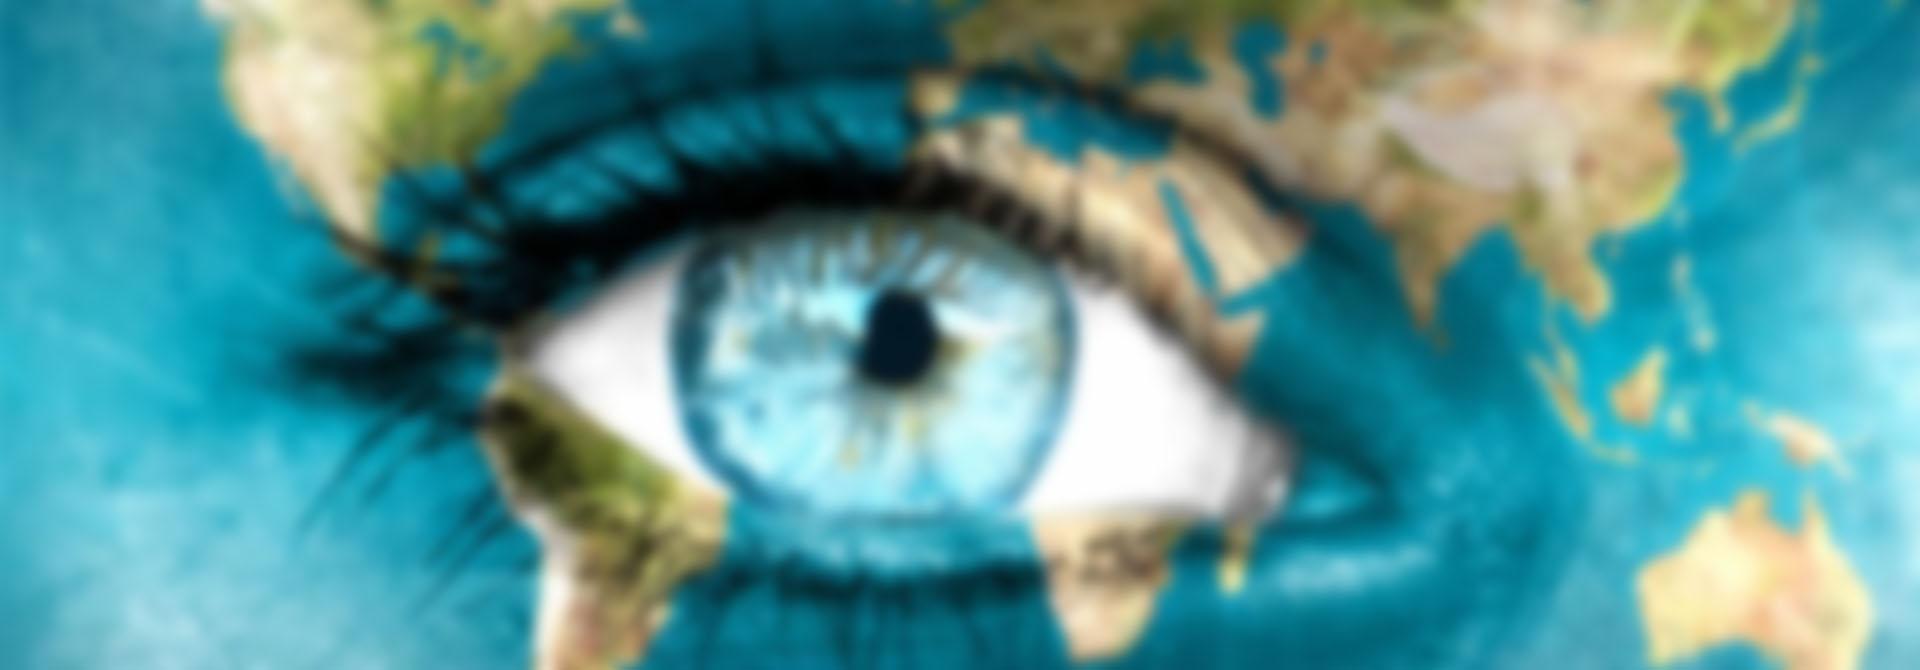 vision-blue-planet (1)-desf.